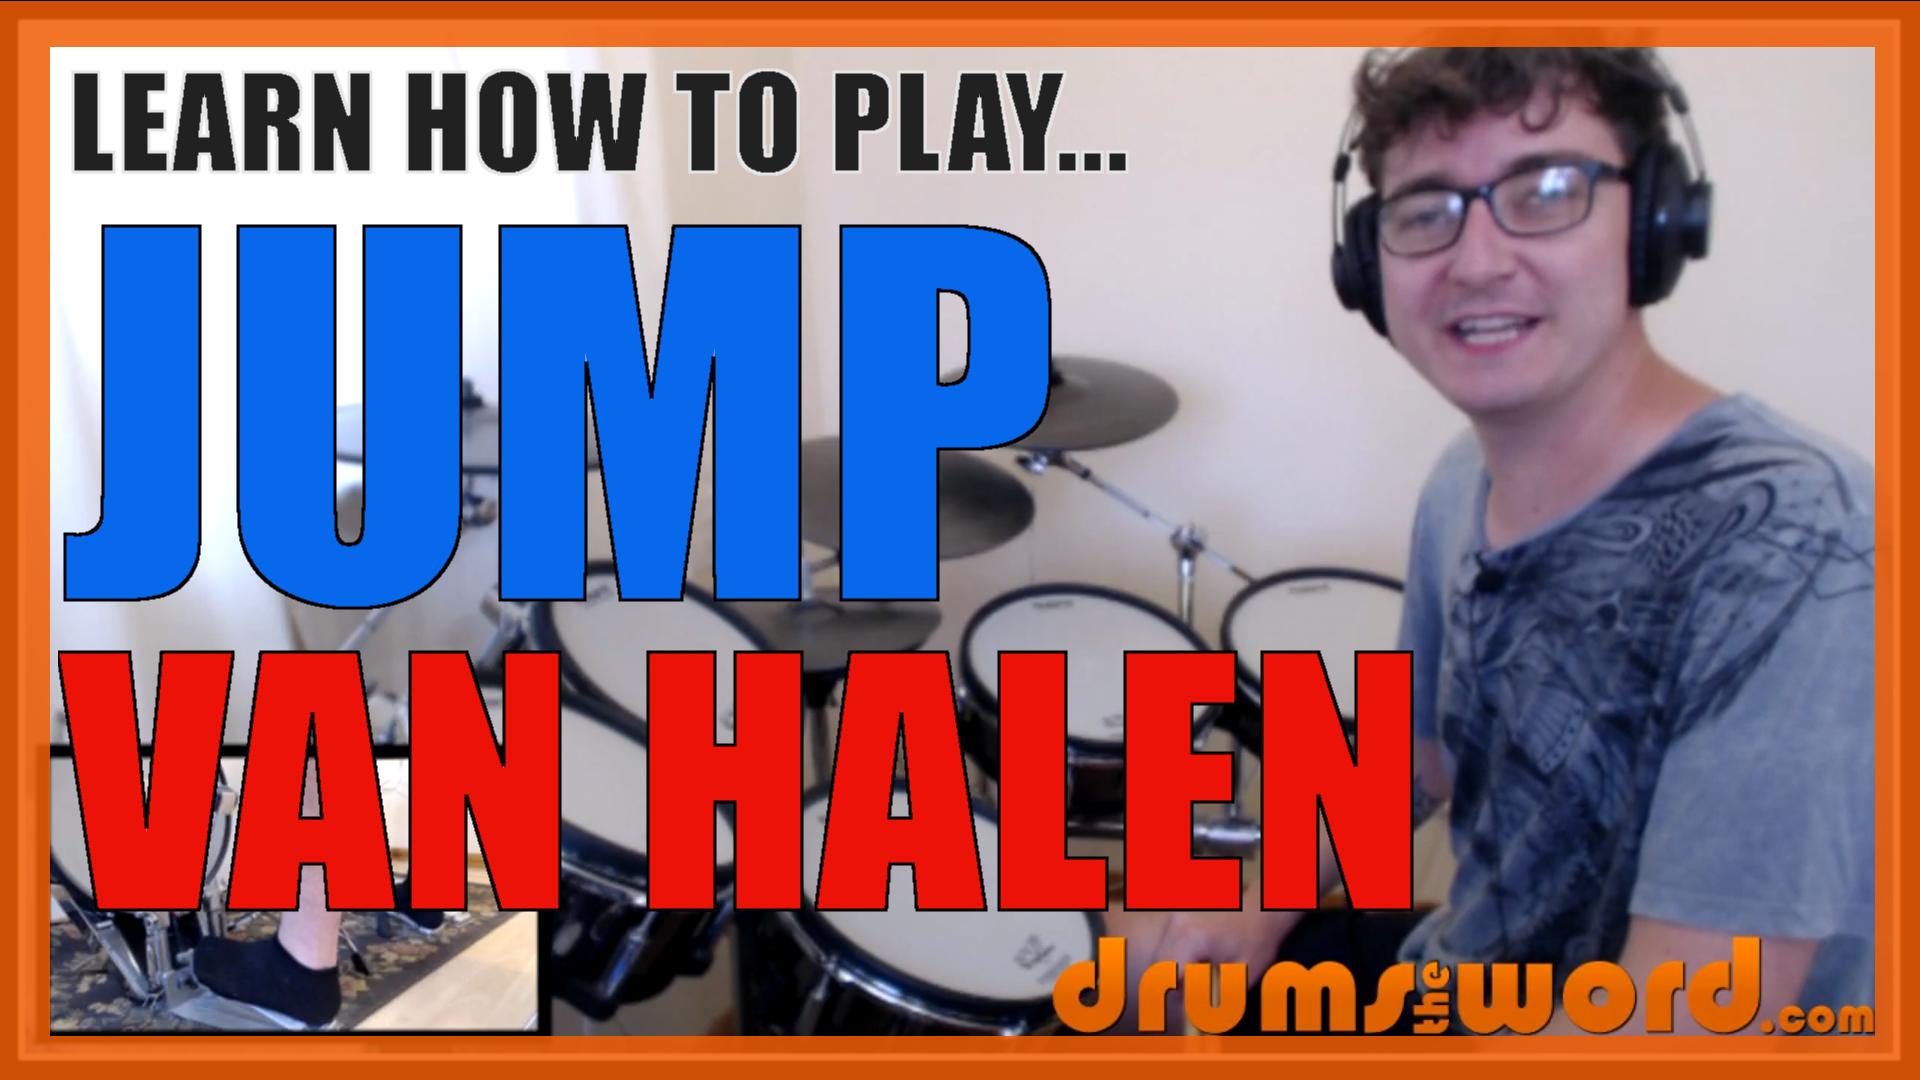 Jump Van Halen Alex Van Halen Drumstheword Online Video Drum Lessons